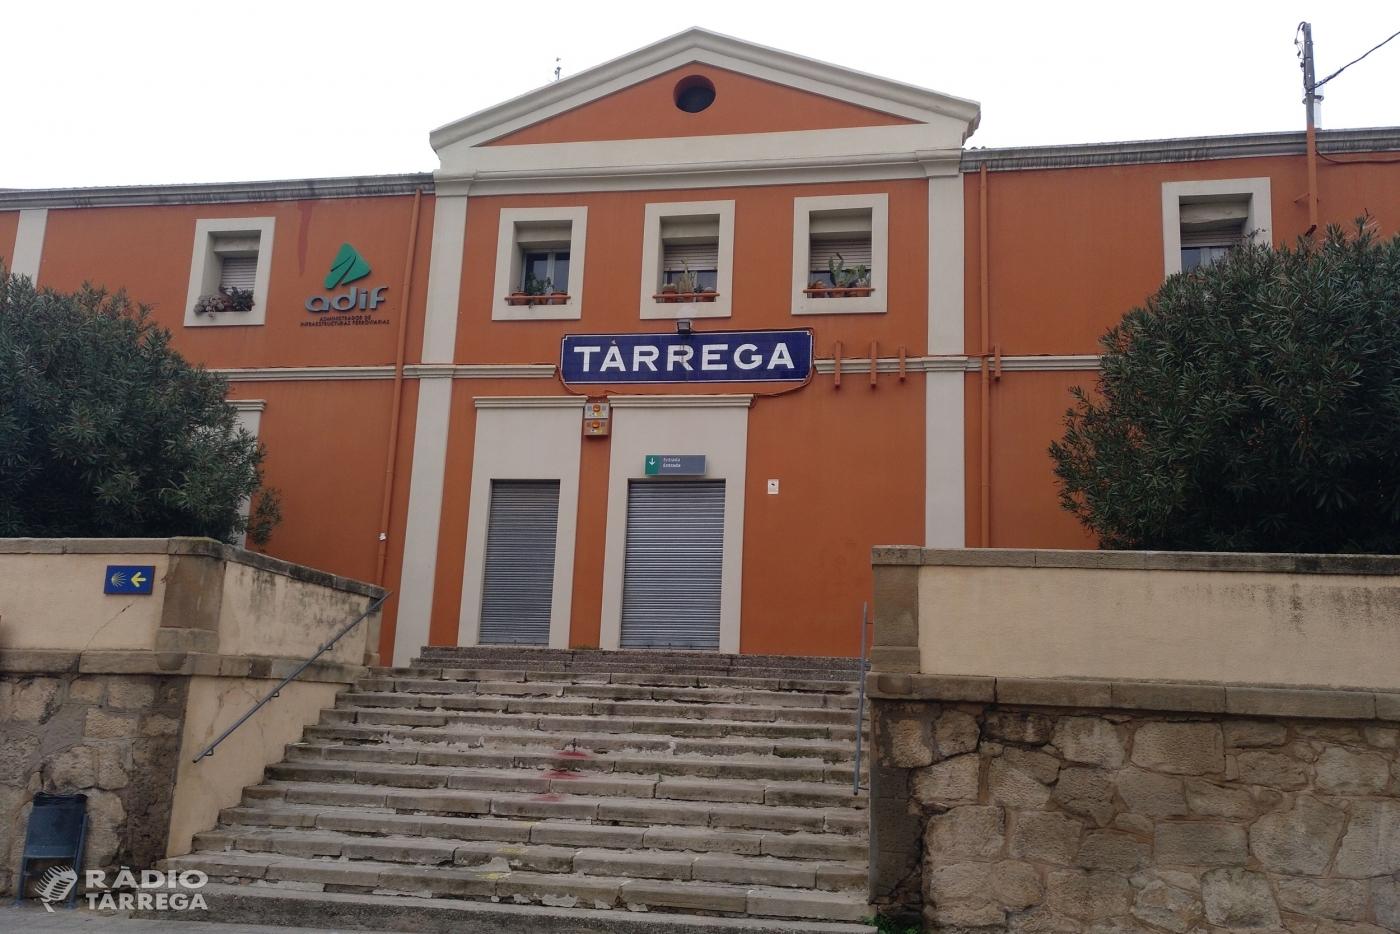 L'Ajuntament de Tàrrega lamenta que Renfe deixi de vendre bitllets a finestreta a l'estació de tren